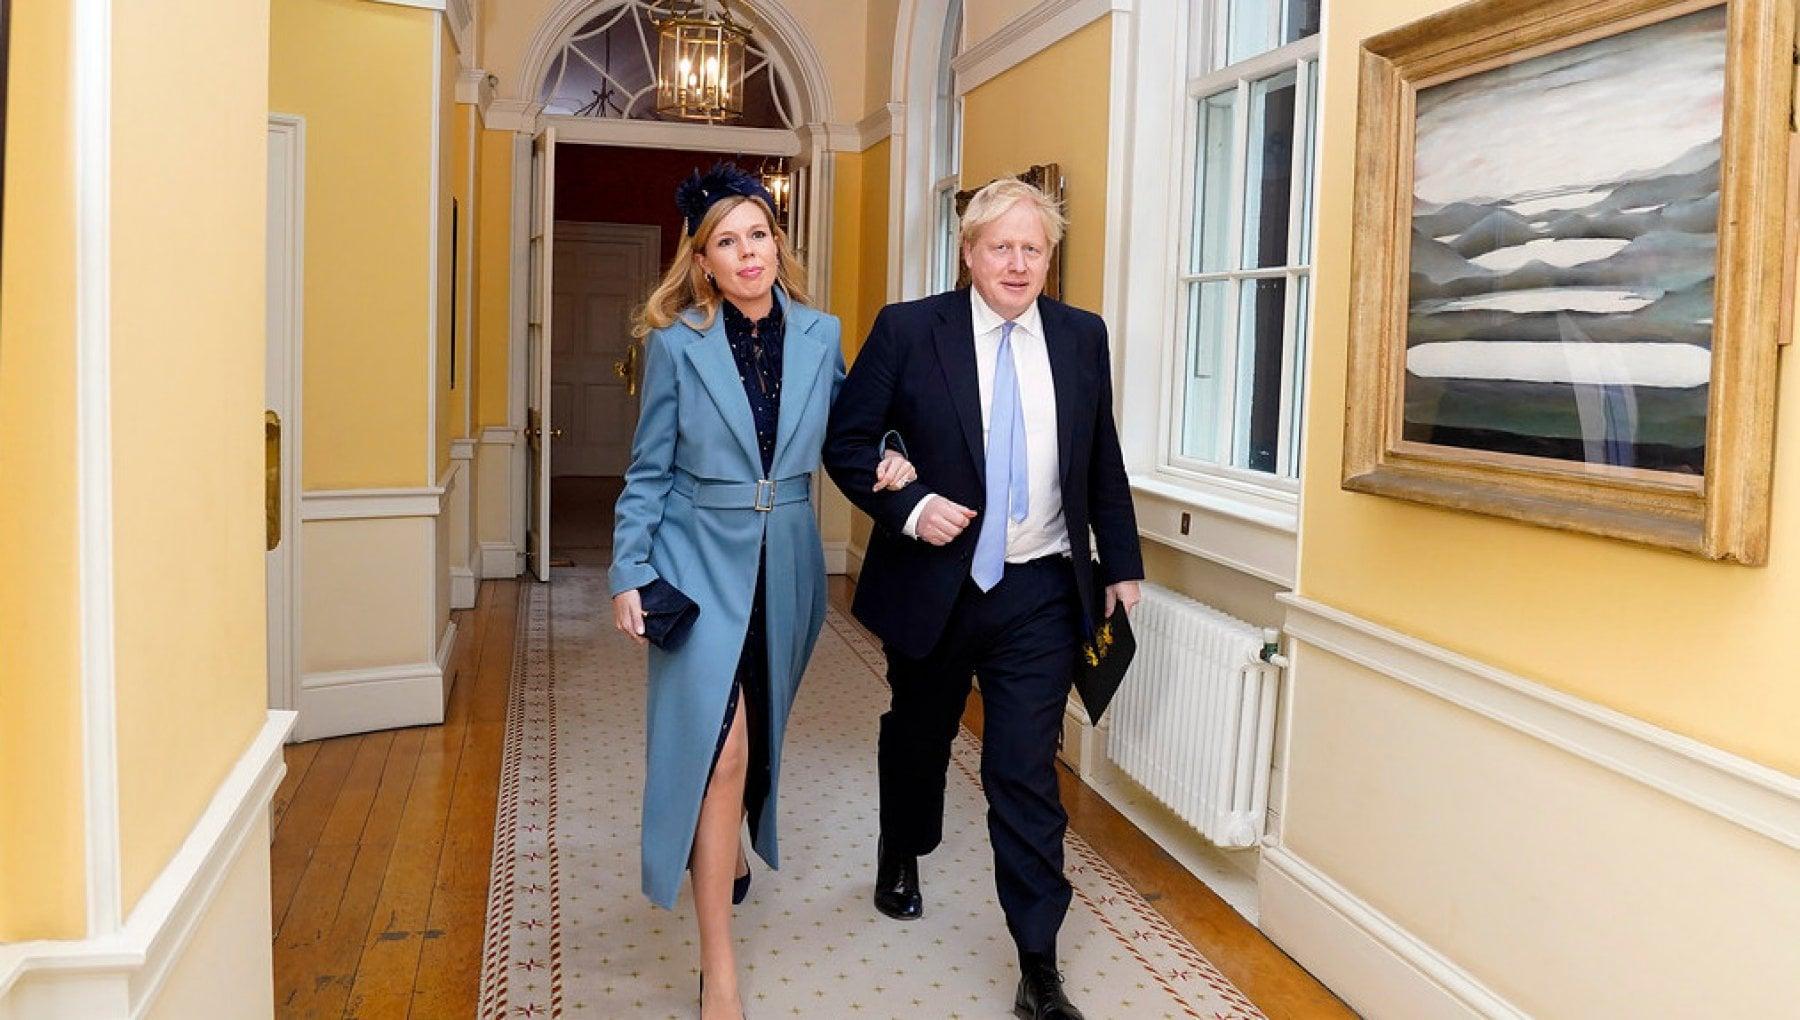 """180635859 c6981fd8 1f40 4862 967c 0a03f7a33295 - Regno Unito, la """"first lady"""" Carrie Symonds dietro la svolta moderata di Johnson"""